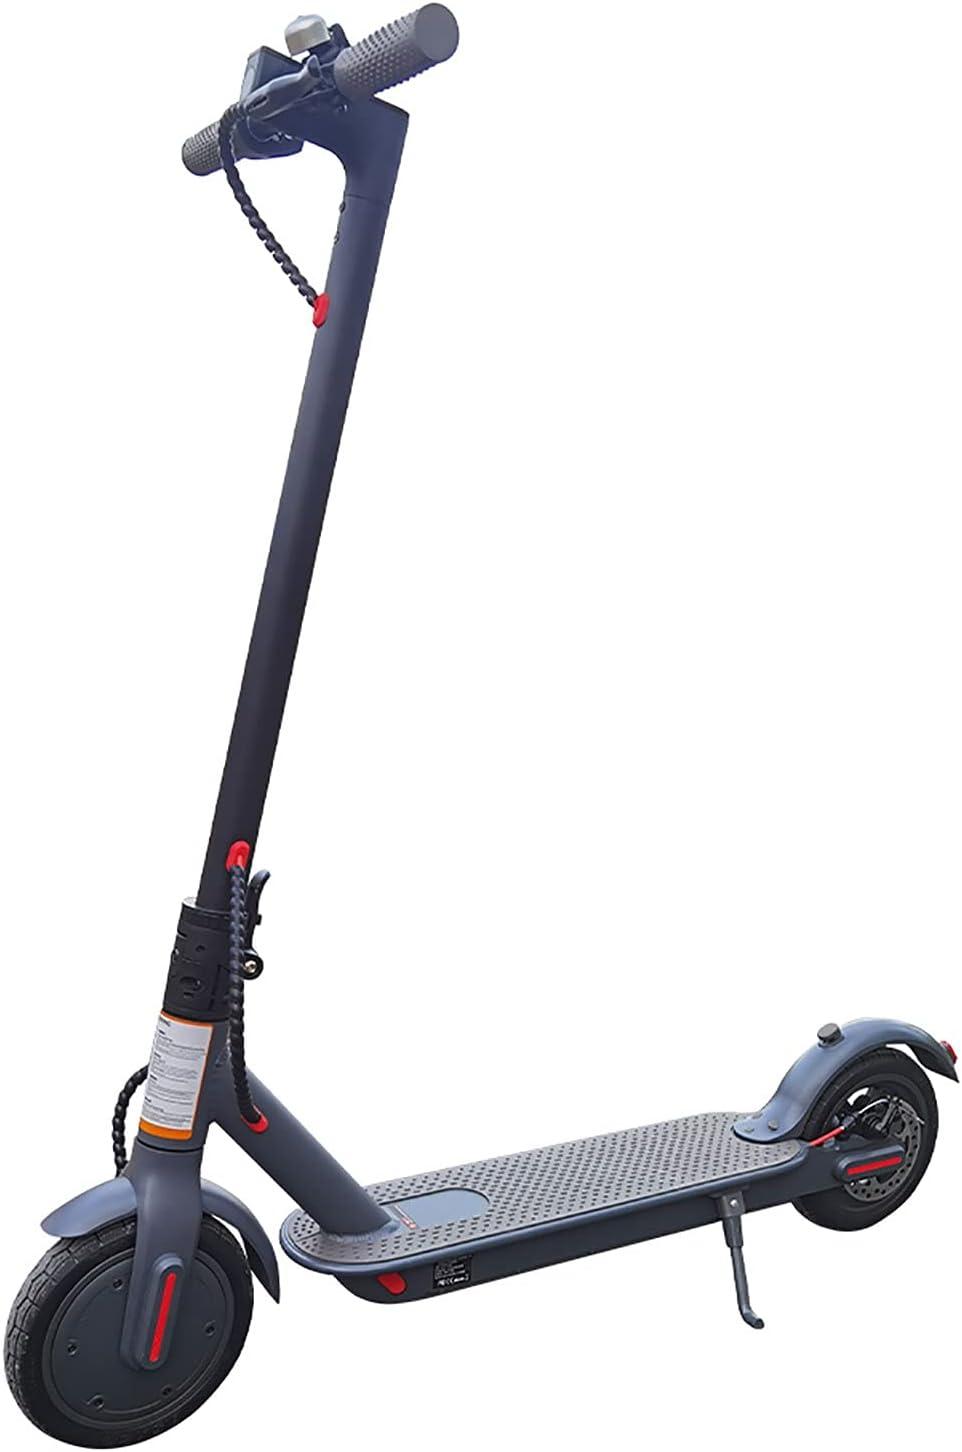 LBXZ Scooter eléctrico / 350 W / Plegado E Scooter adulto / 16 kph velocidad máxima/fácil de transportar, regalo para niños y adultos (color negro)